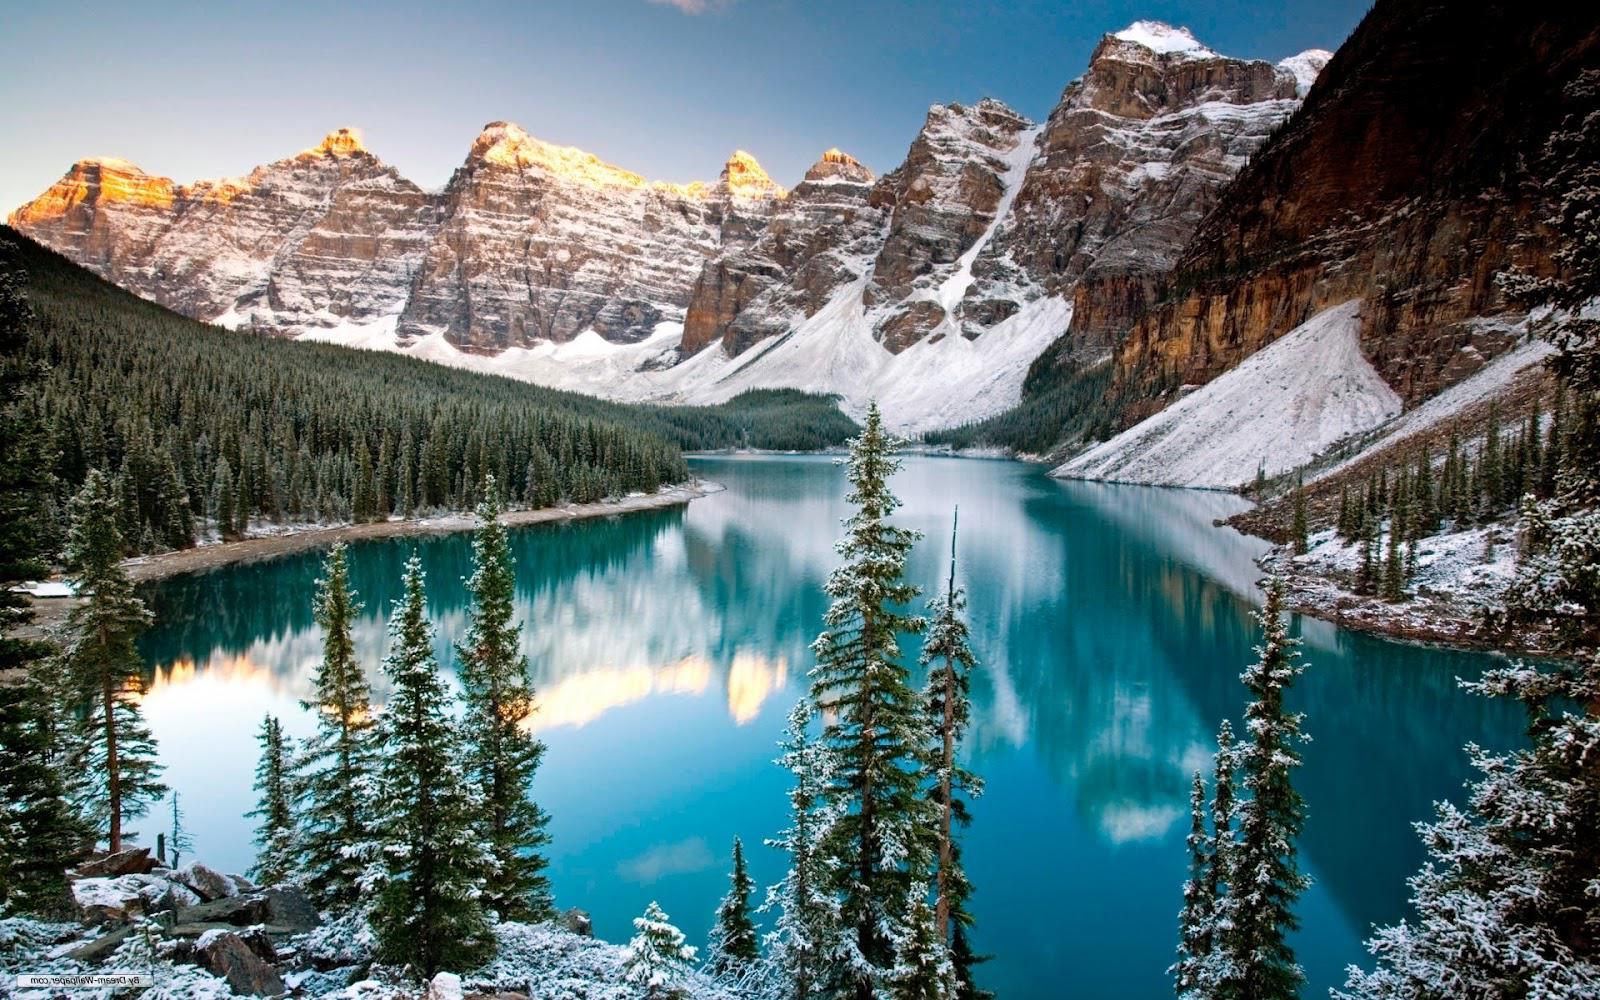 60 Mountains Desktop Wallpapers   Download at WallpaperBro 1600x1000